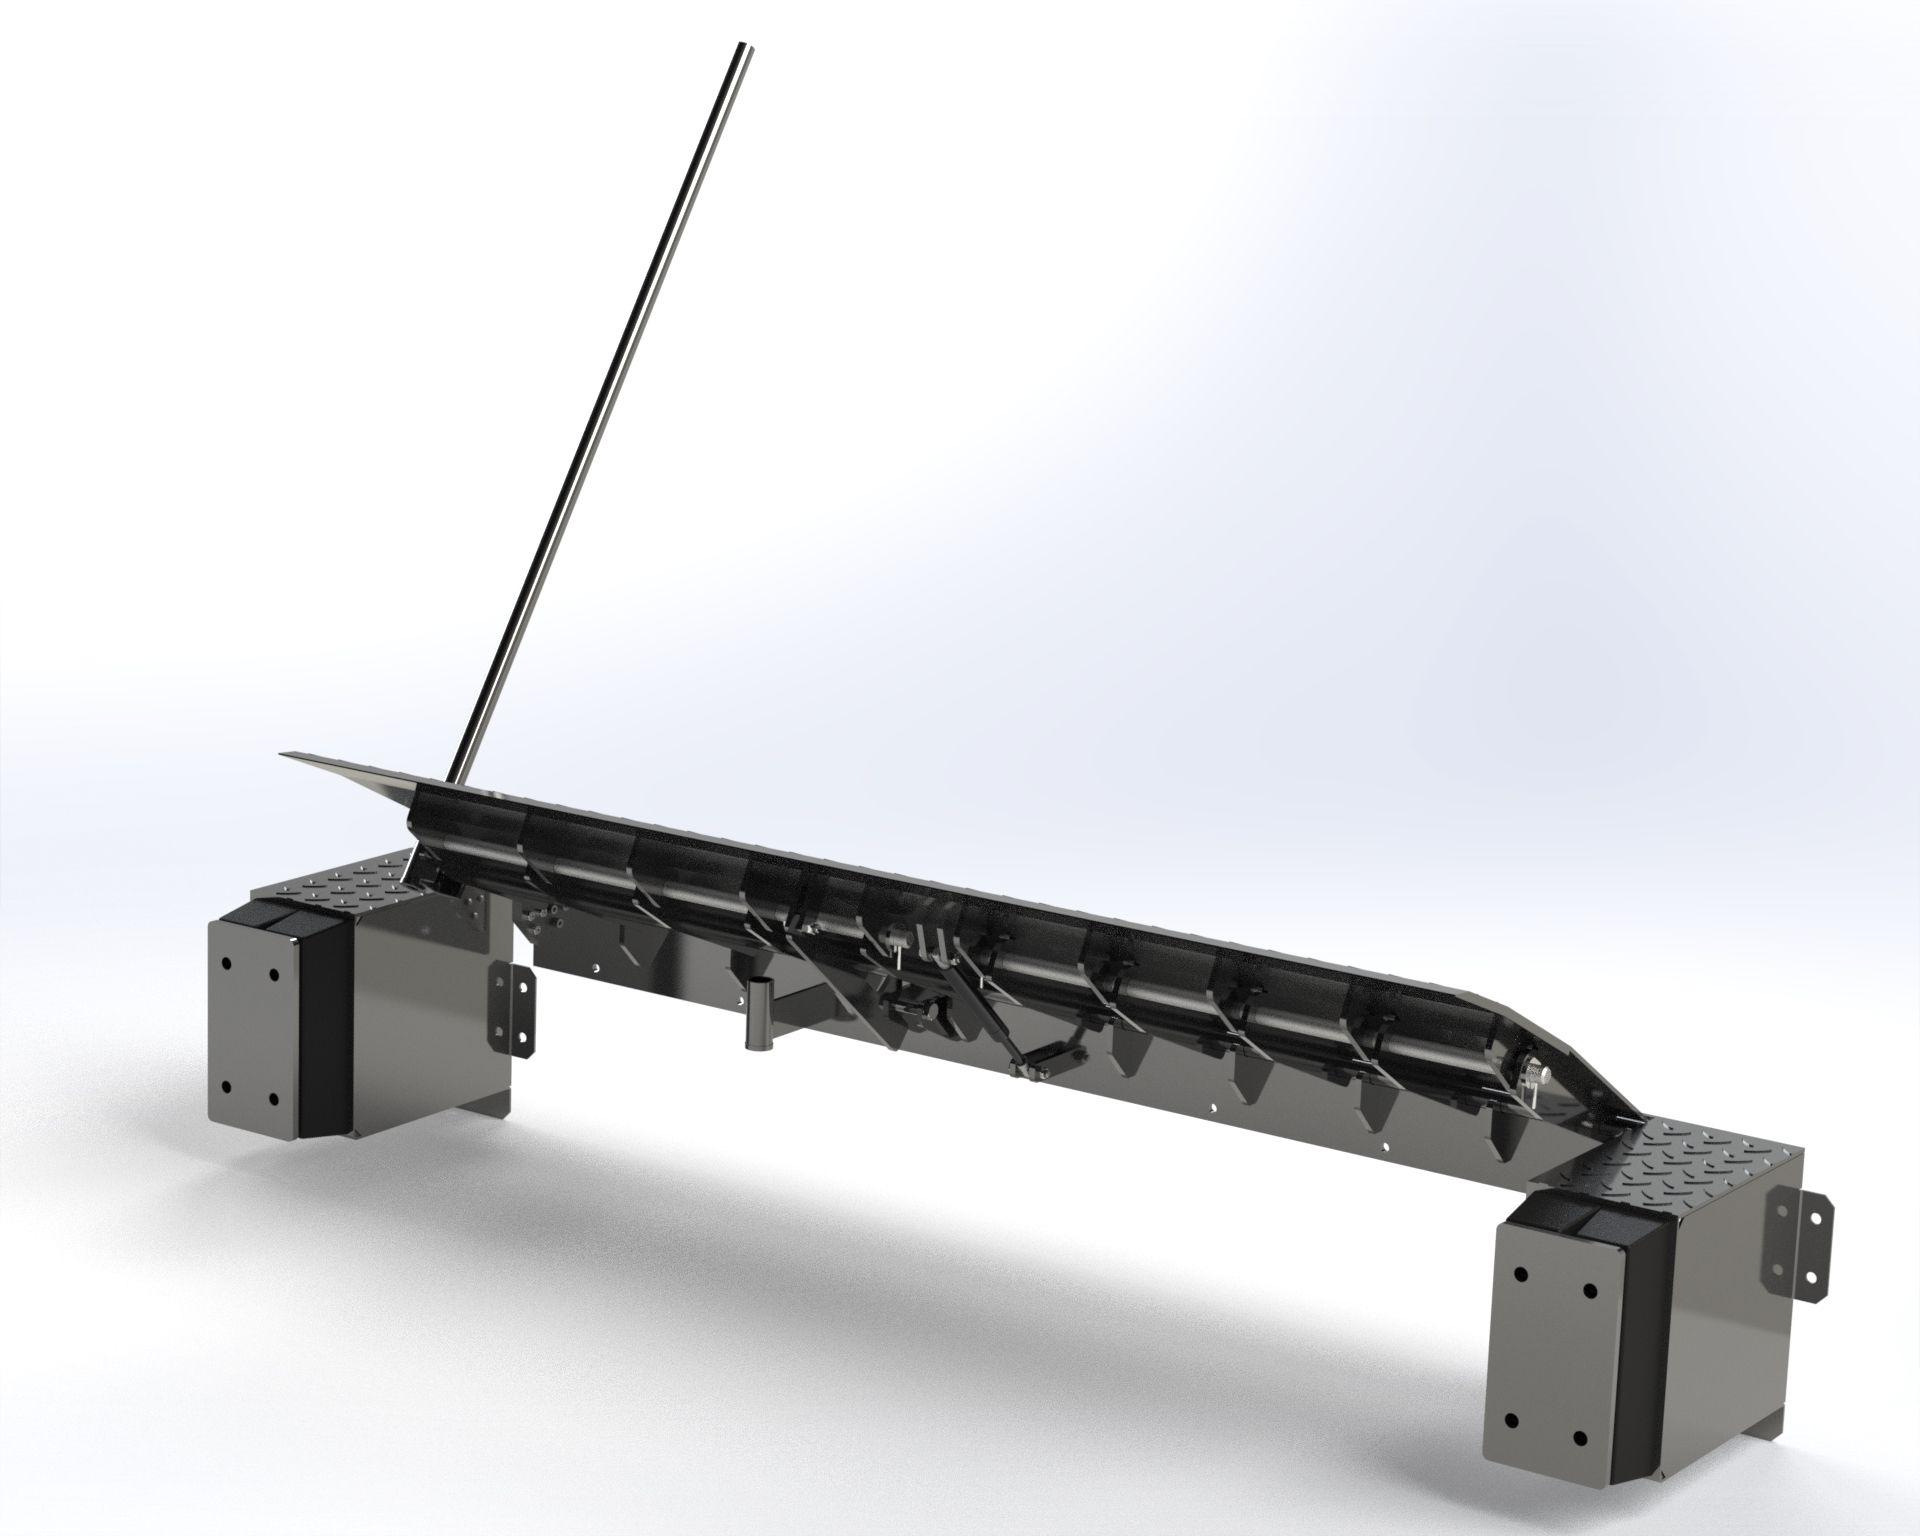 minirampa_roper-comodidad-y-fiabilidad-logistica 1